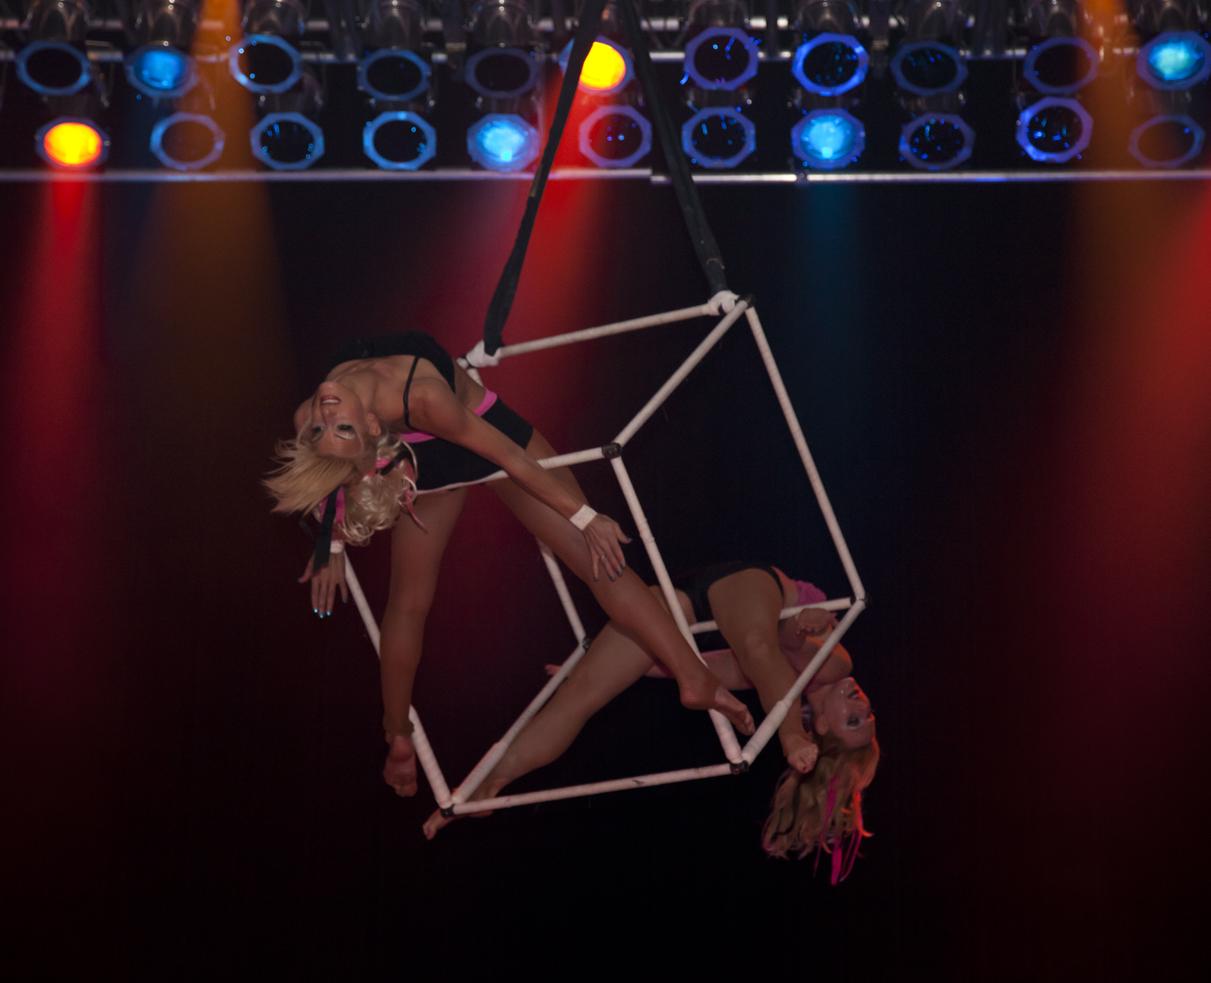 Aerial Performances